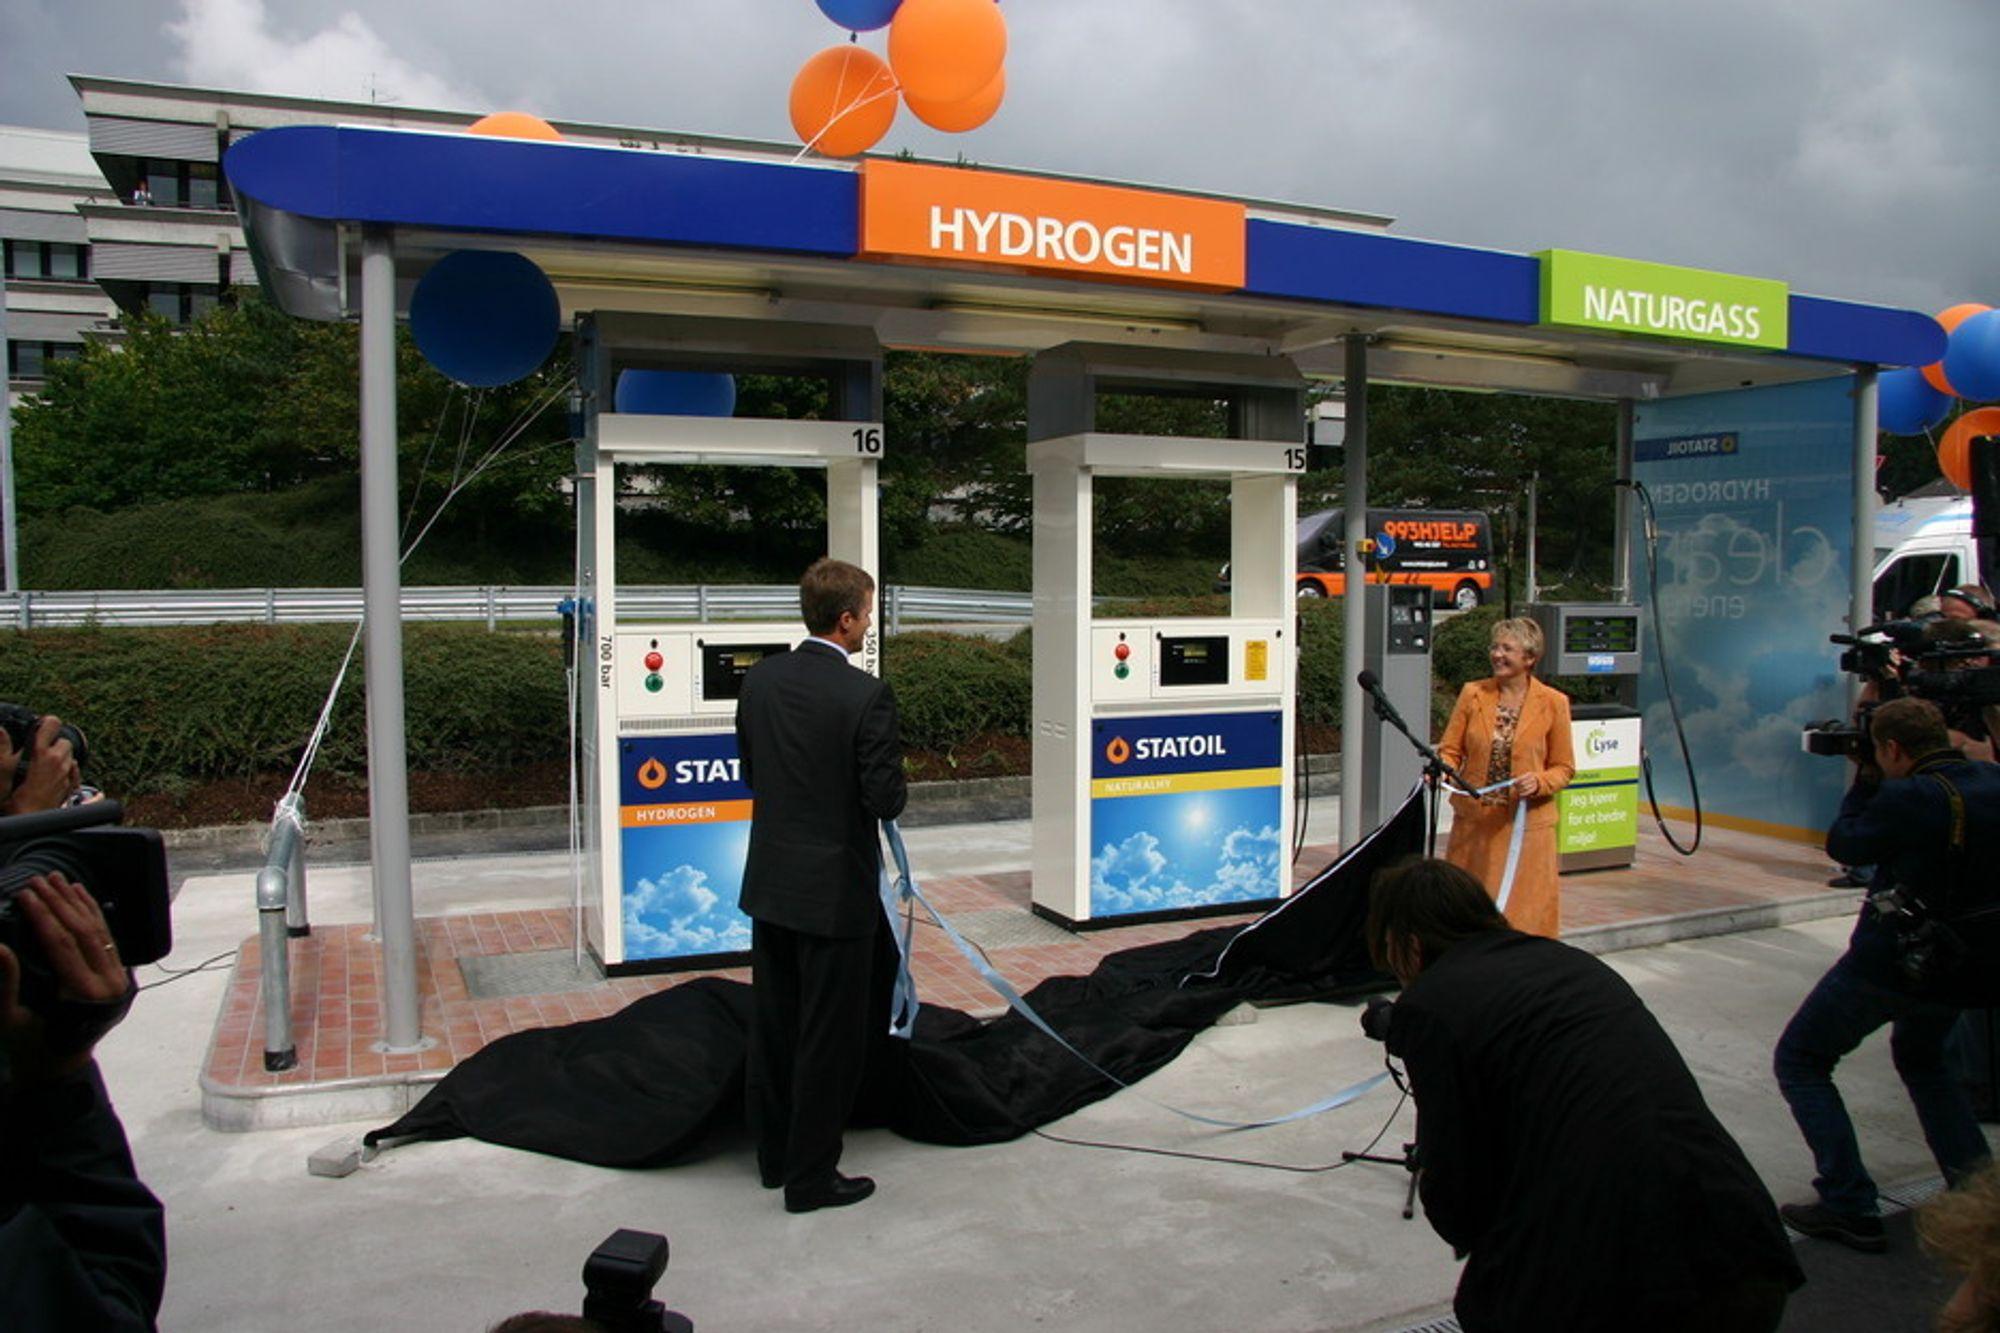 HØYDEPUNKTET: Statoils konsernsjef Helge Lund (t.v.) og samferdselsminister Liv Signe Navarsete står for avdukingen, og hydrogenpumpen åpenbarer seg.